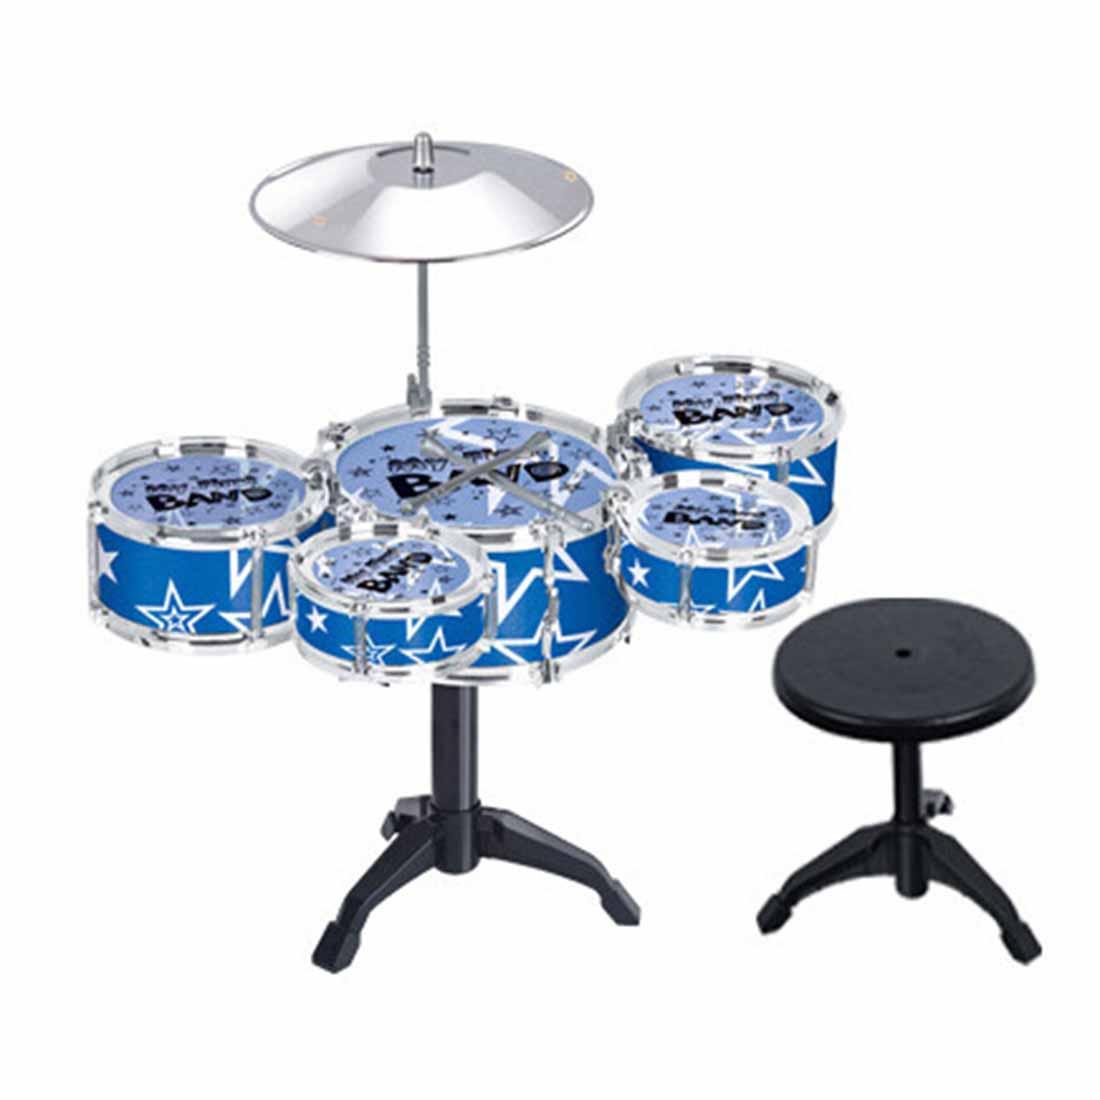 Ensemble de batterie Jazz enfant Instrument de musique jouet Playset avec 5 tambours, cymbale, support, tabouret, pilons-bleu